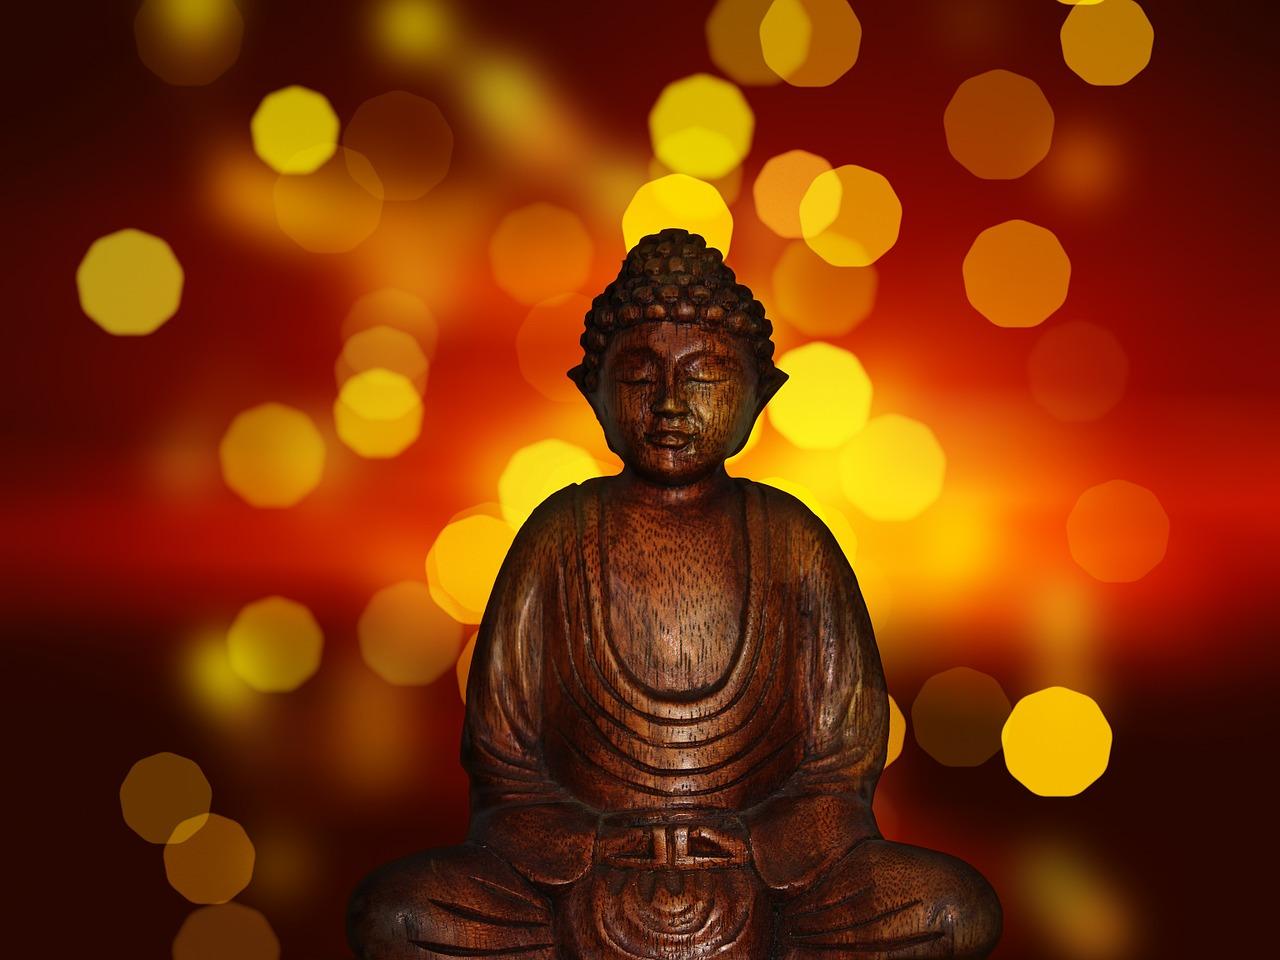 Buddha - Siddhartha Gautama aus Nord-Indien - der erleuchtete Buddha - www.songshan.de